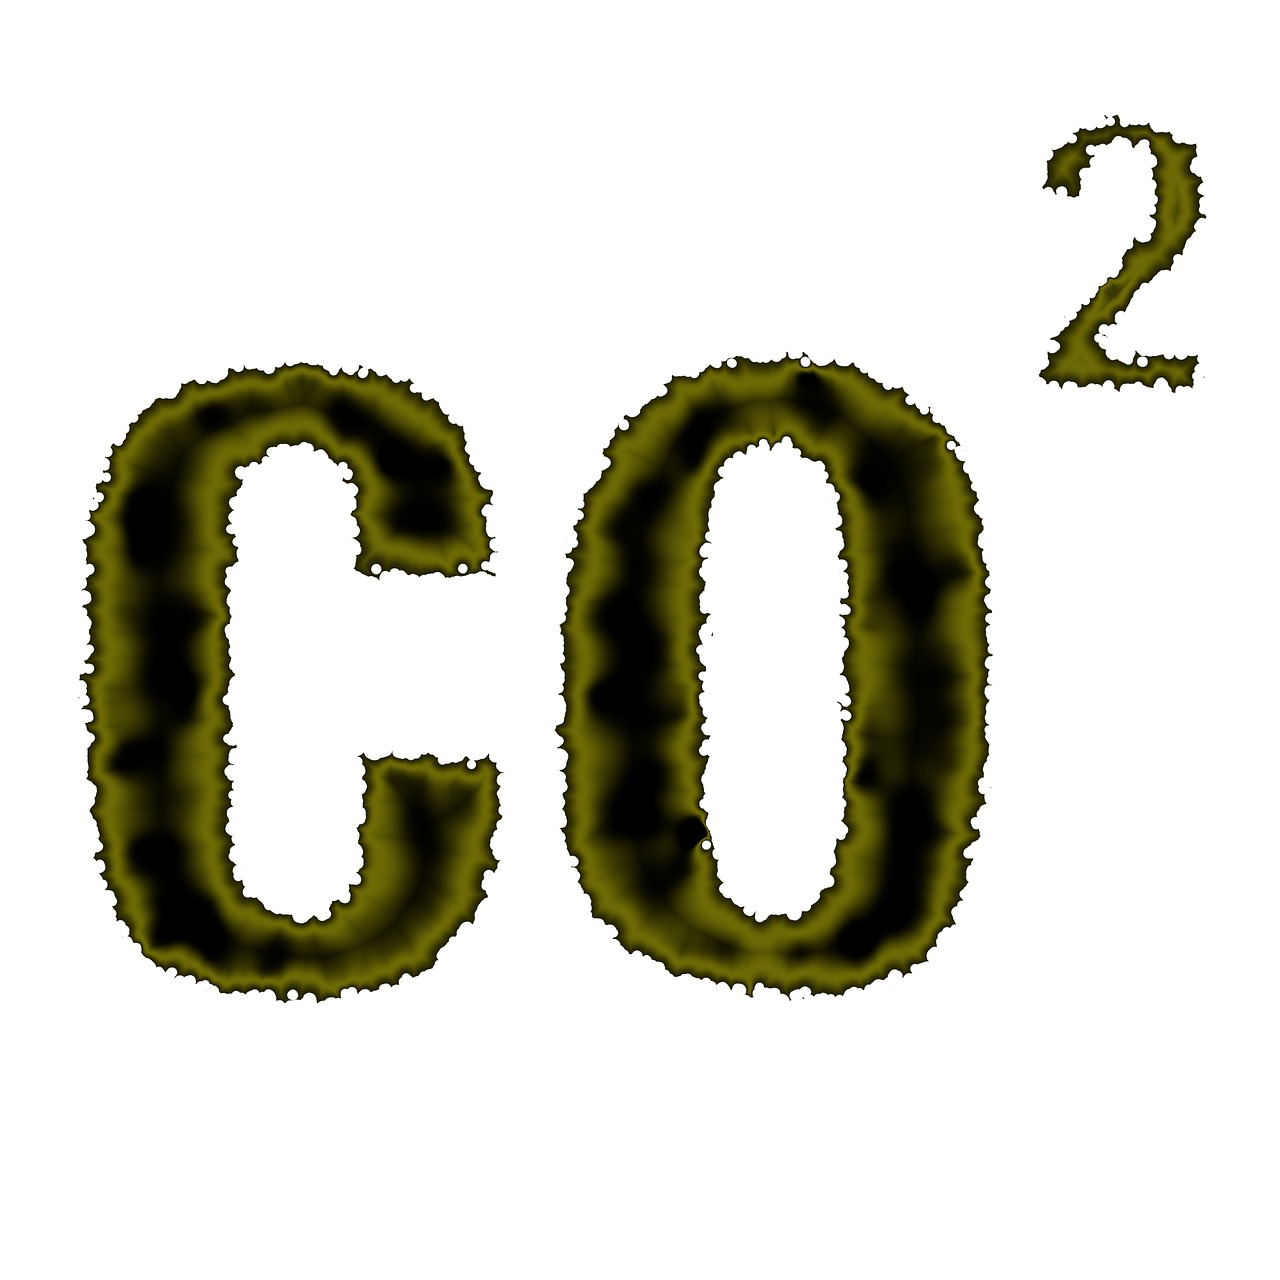 obrazek przedstawia zielony napis C O 2 na białym tle, czyli dwutlenek węgla